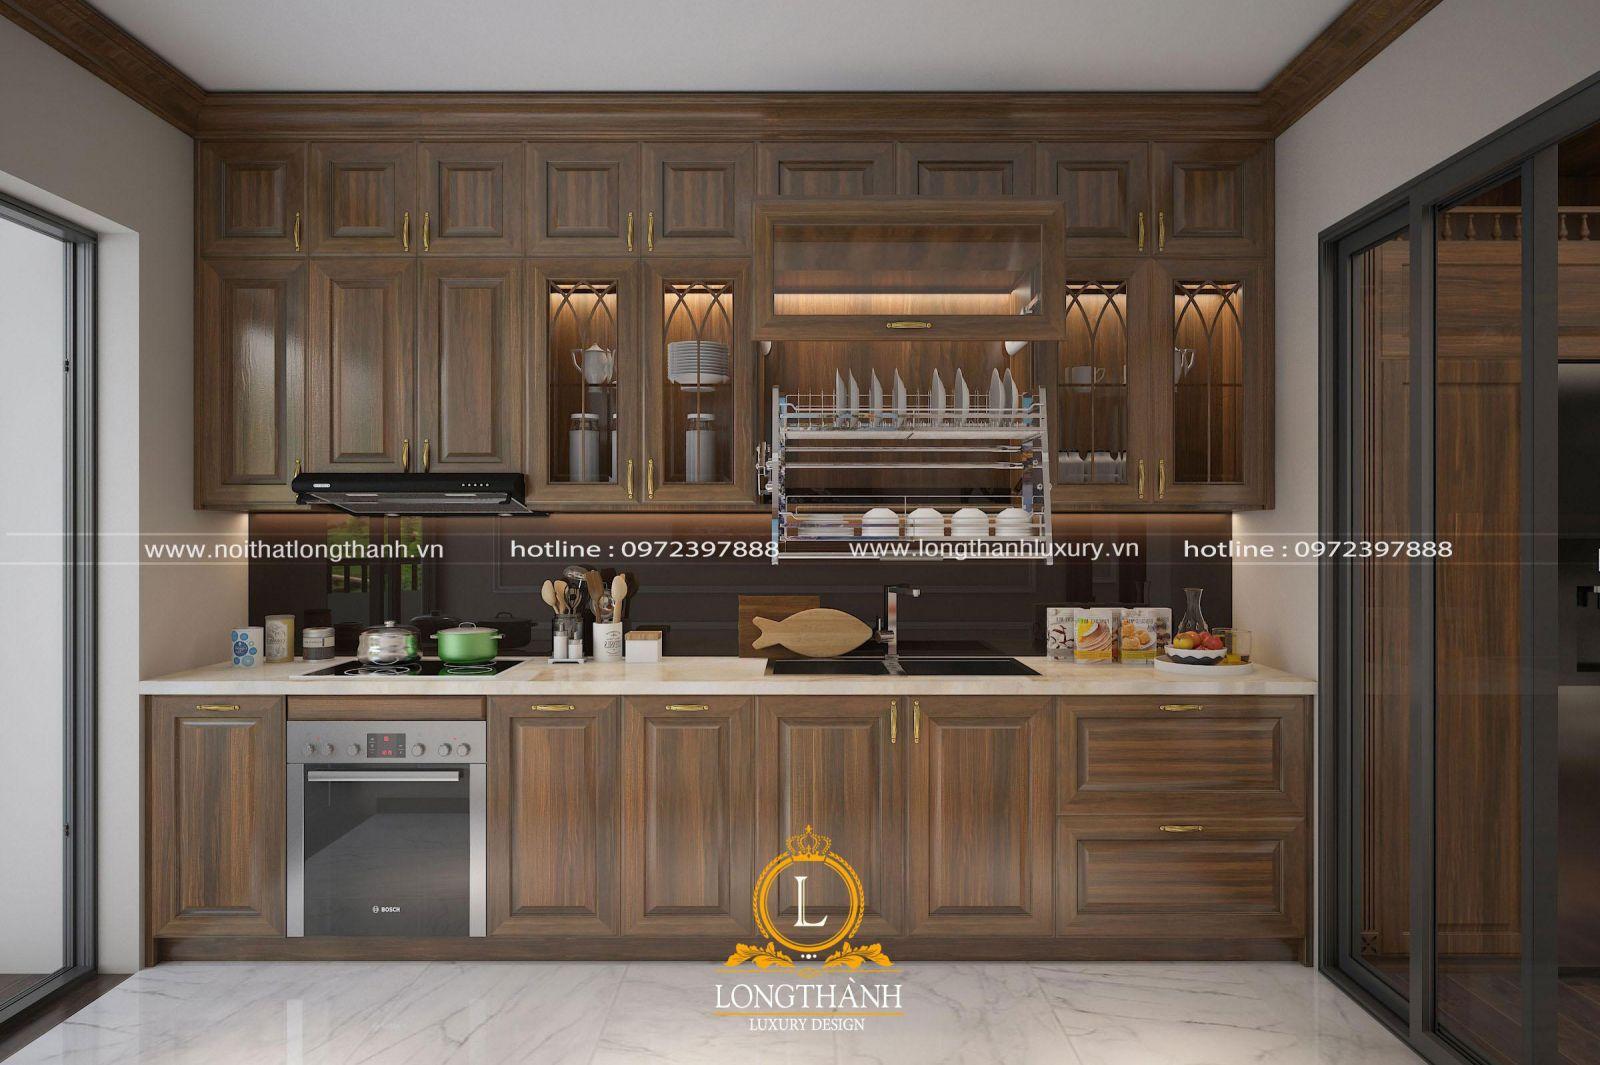 Thiết kế tủ bếp tân cổ điển chữ I phù hợp với chung cư có diện tích nhỏ